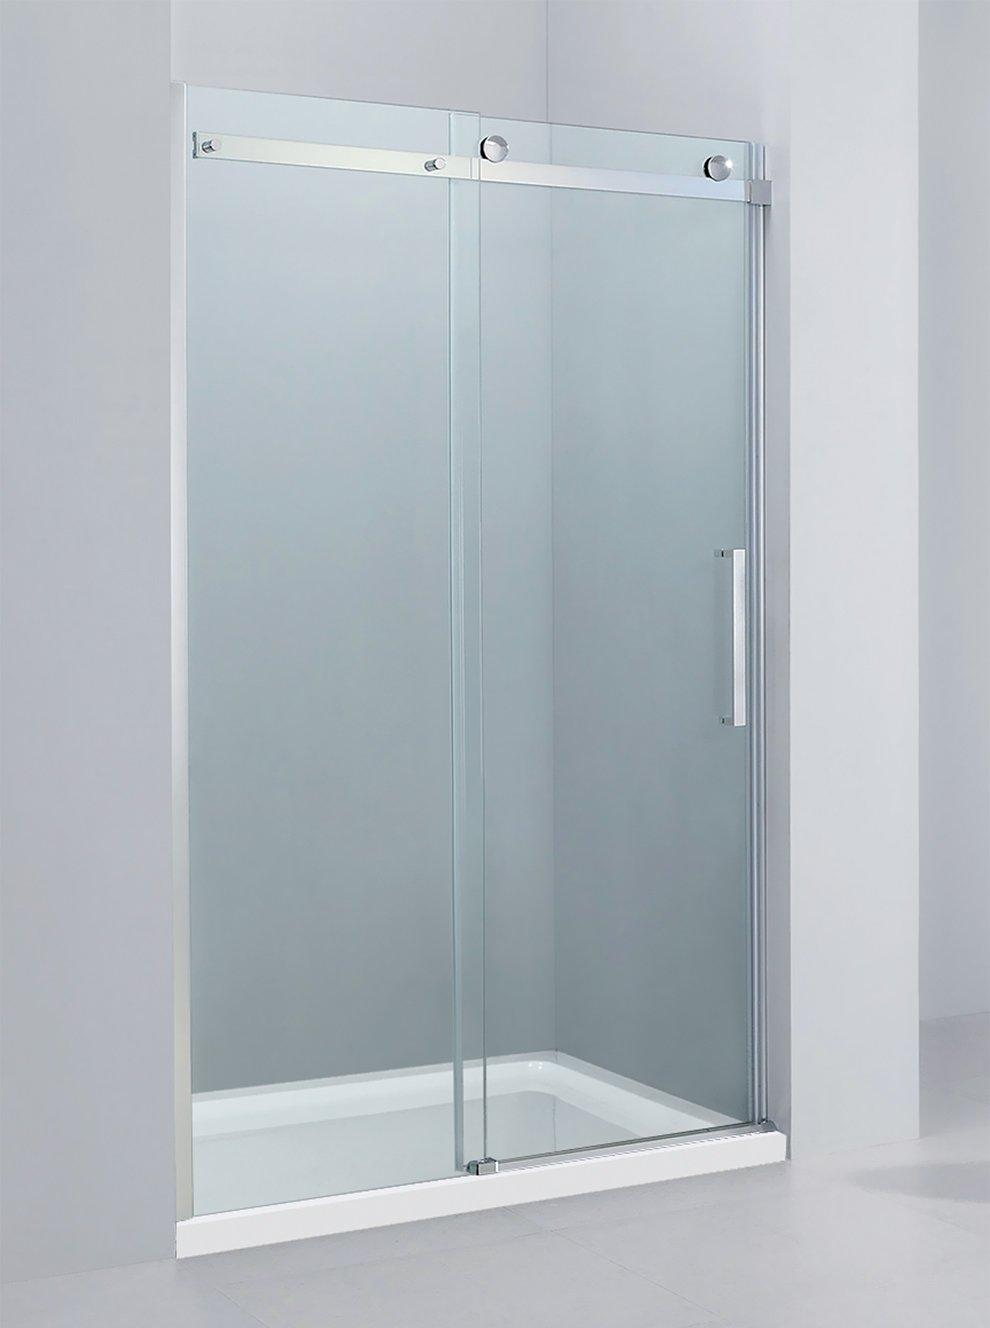 Yellowshop–Porte de douche coulissante en niche en verre trempé 8mm, transparent ou dépoli, de 100, 120, 140 ou 160cm